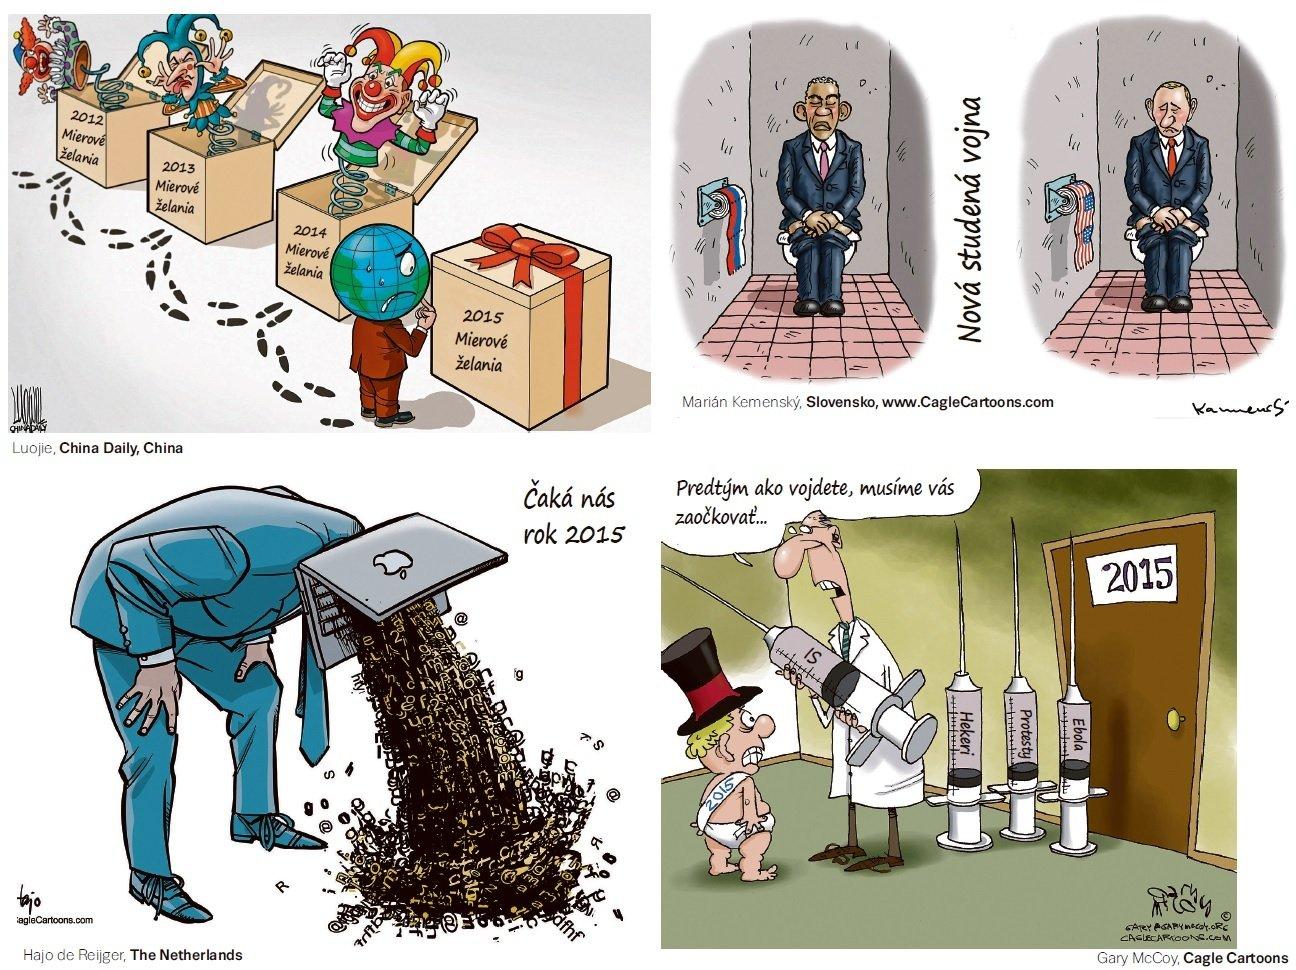 karikatury.jpg